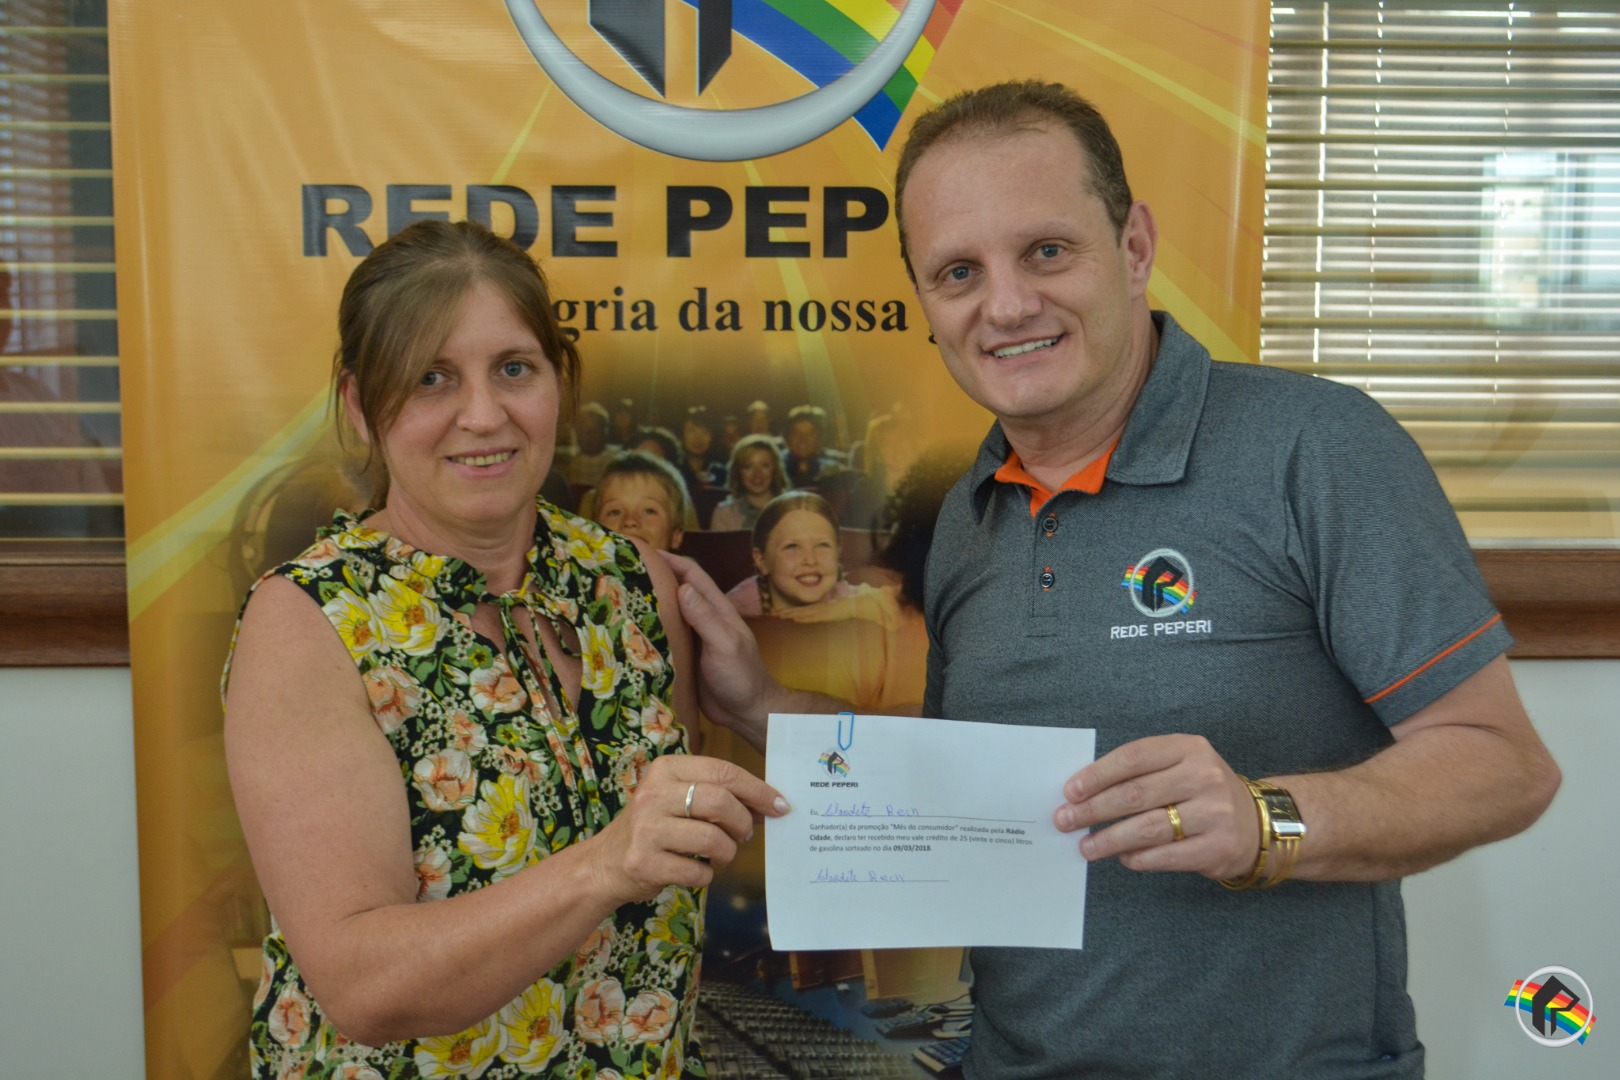 Ganhadores da promoção Mês do Consumidor retiram prêmio na Peperi